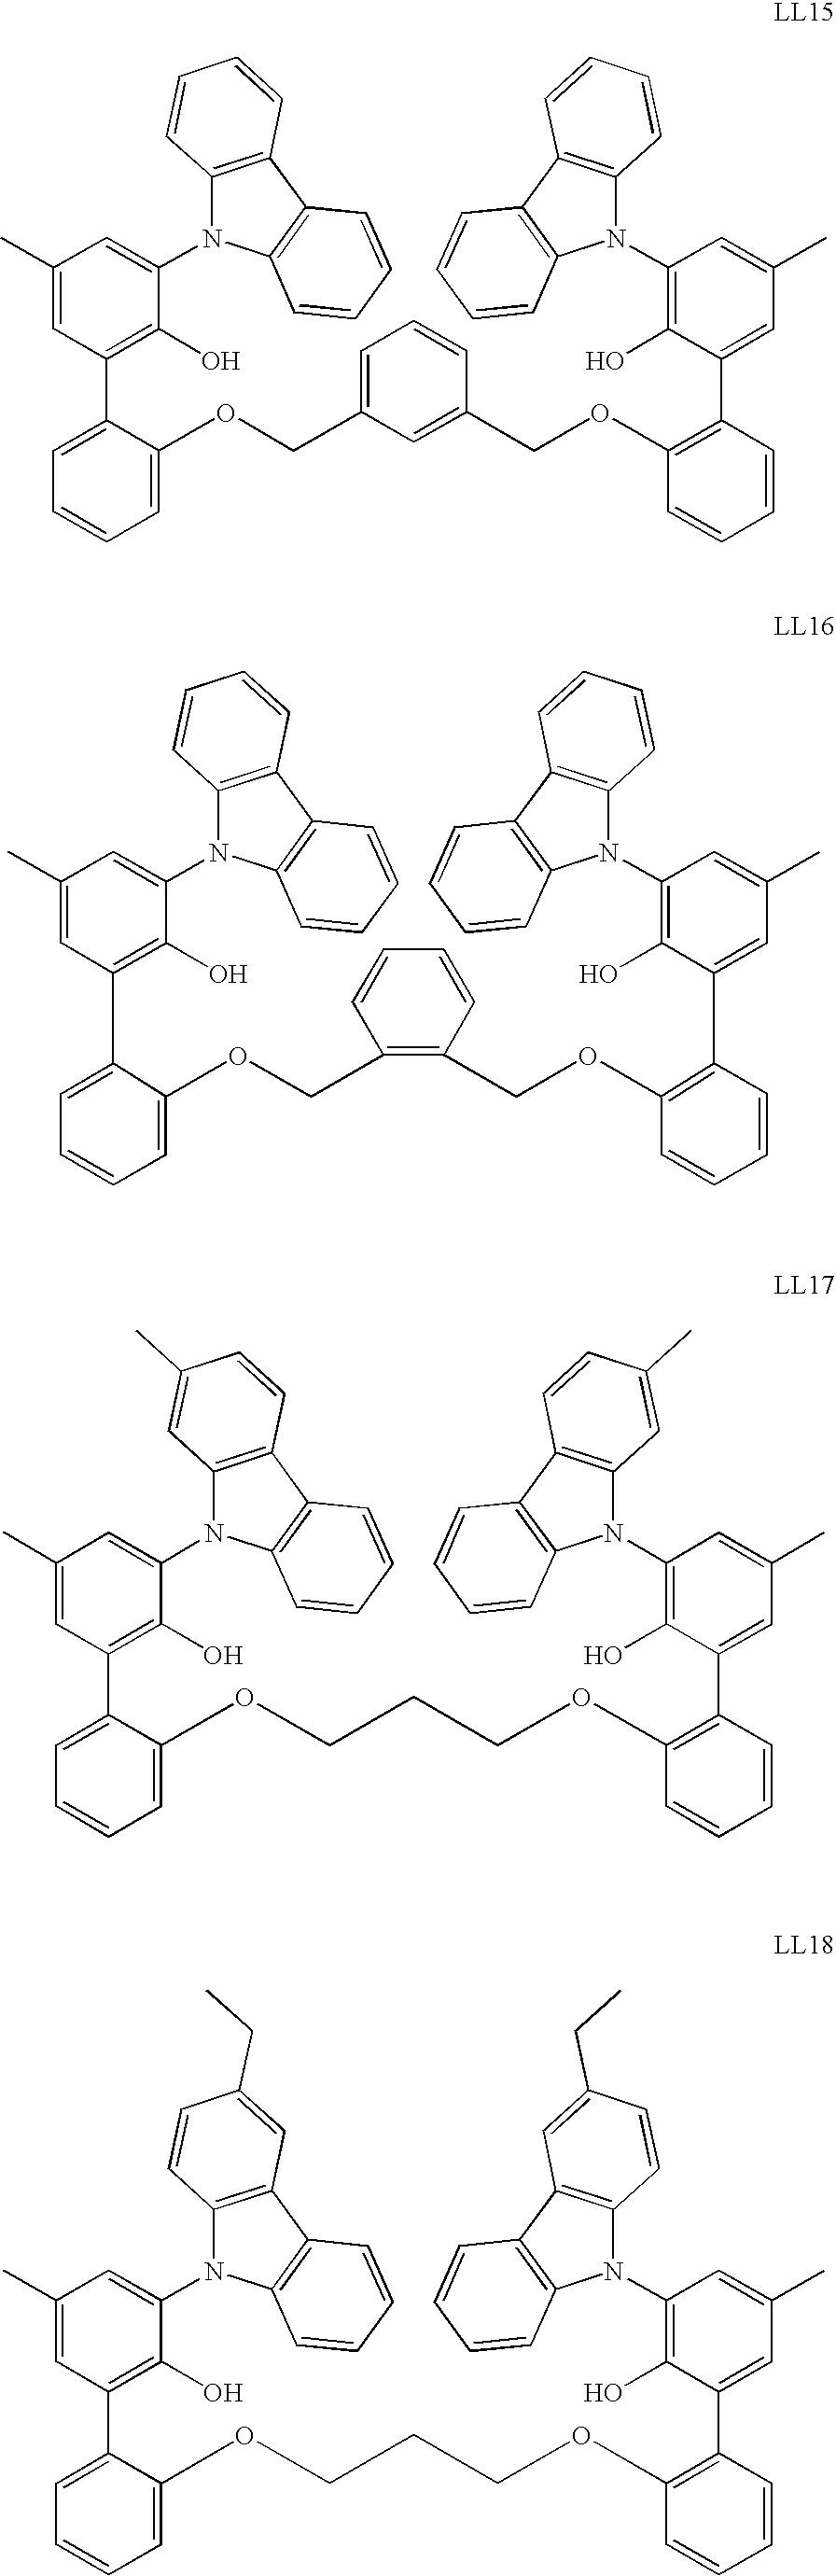 Figure US07241715-20070710-C00082